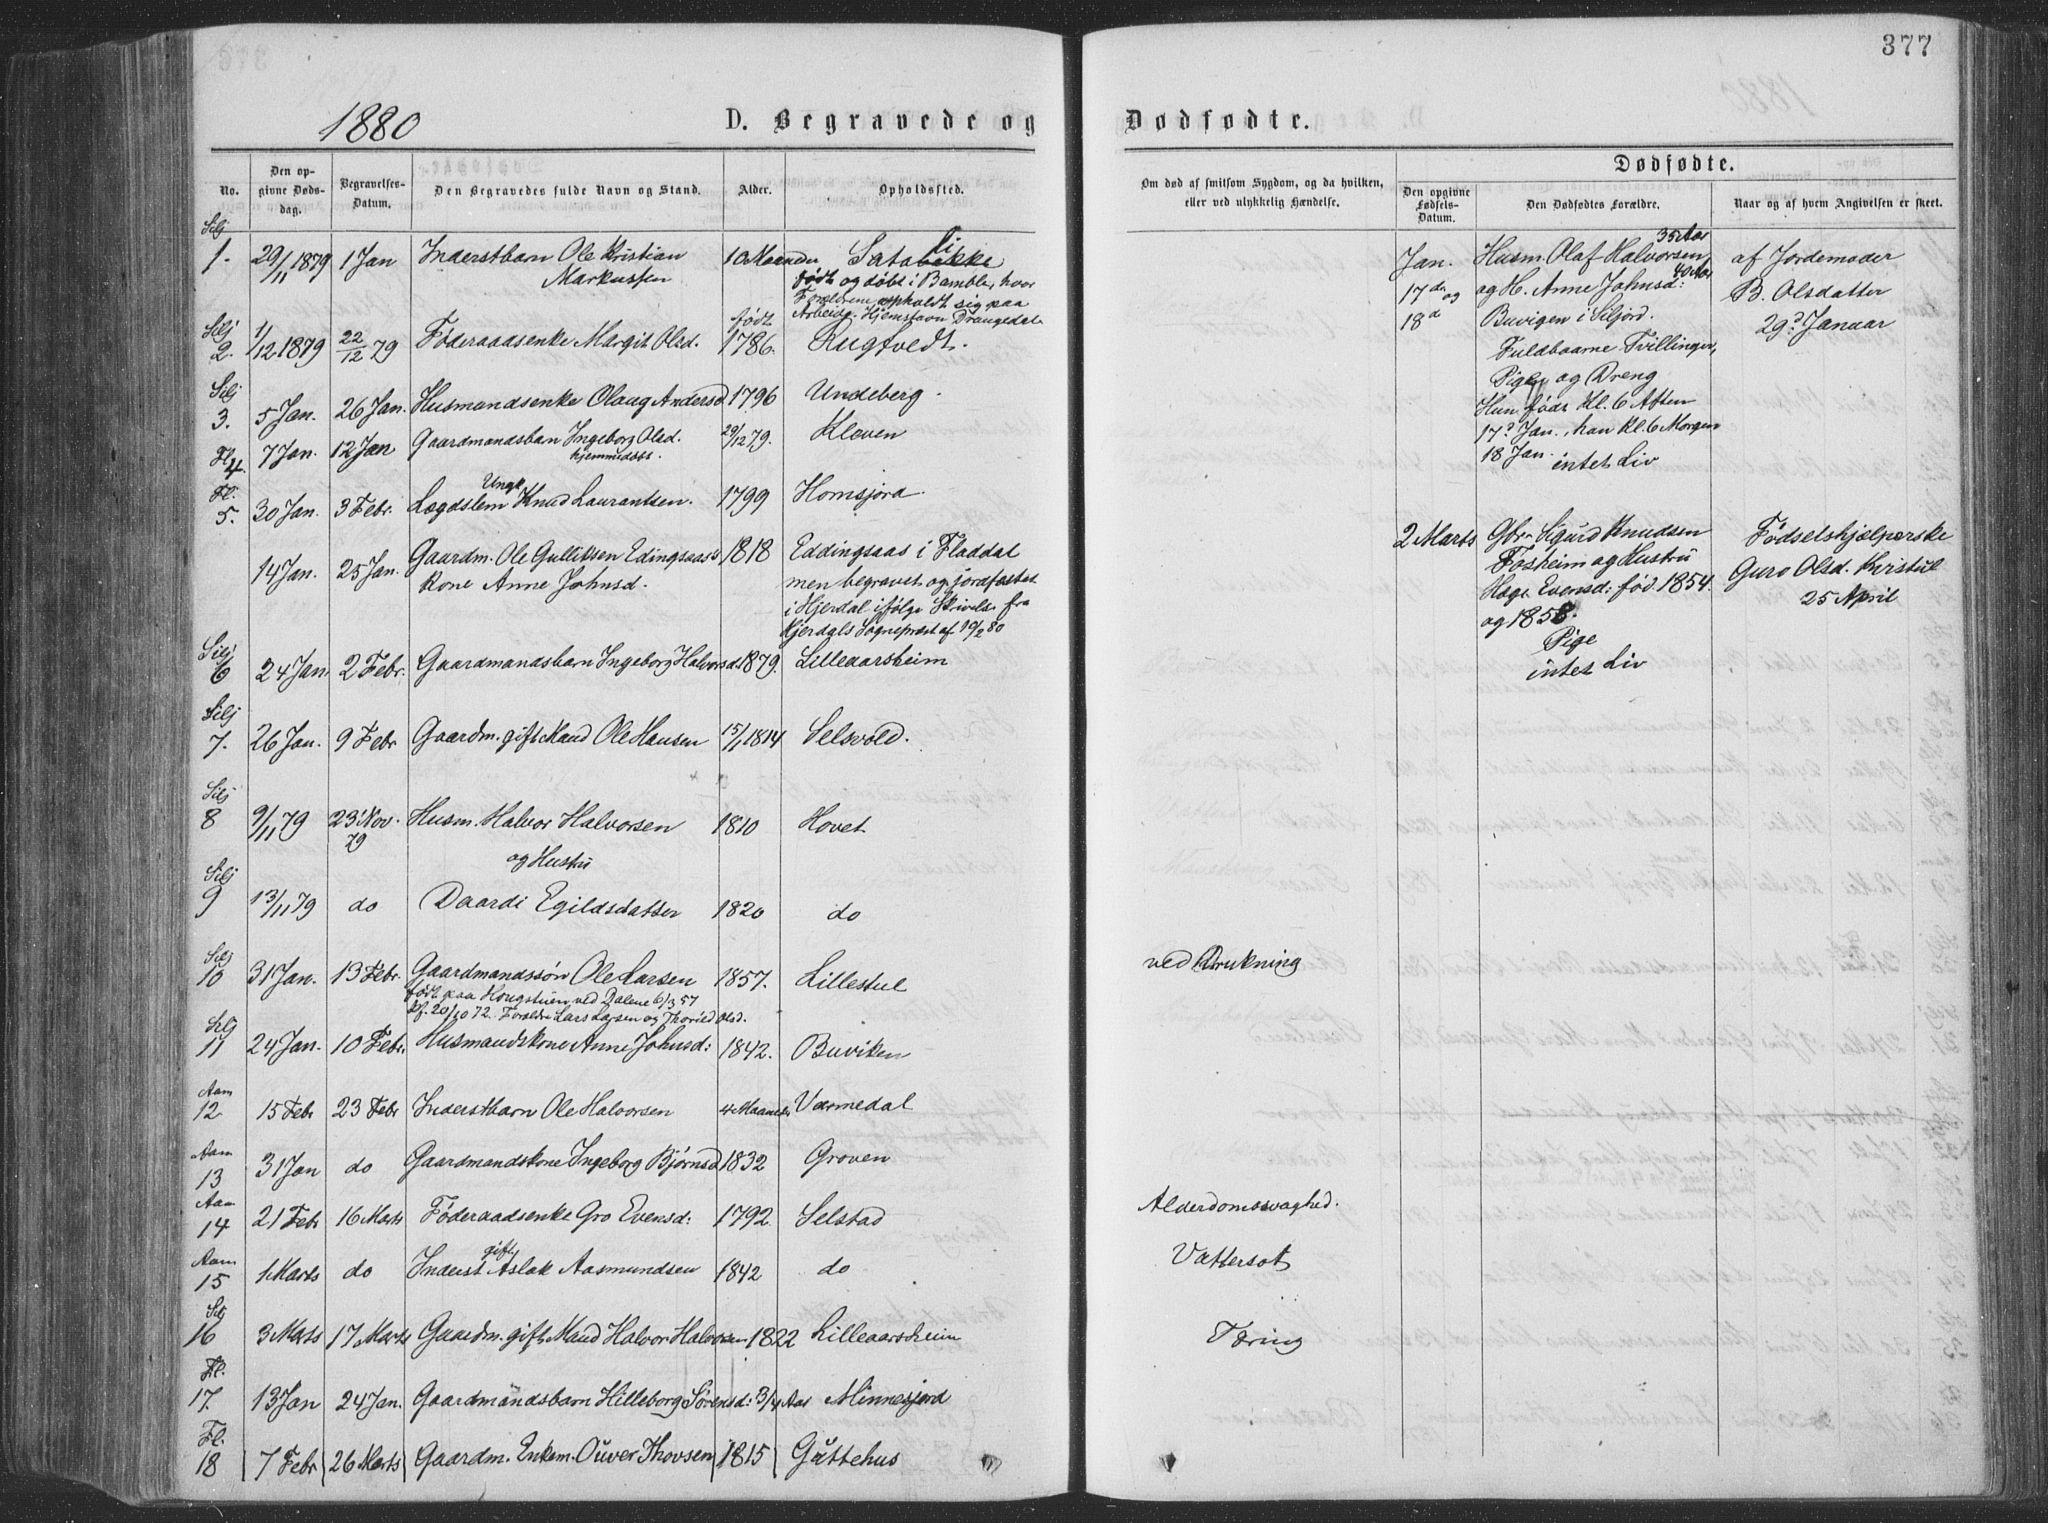 SAKO, Seljord kirkebøker, F/Fa/L0014: Ministerialbok nr. I 14, 1877-1886, s. 377